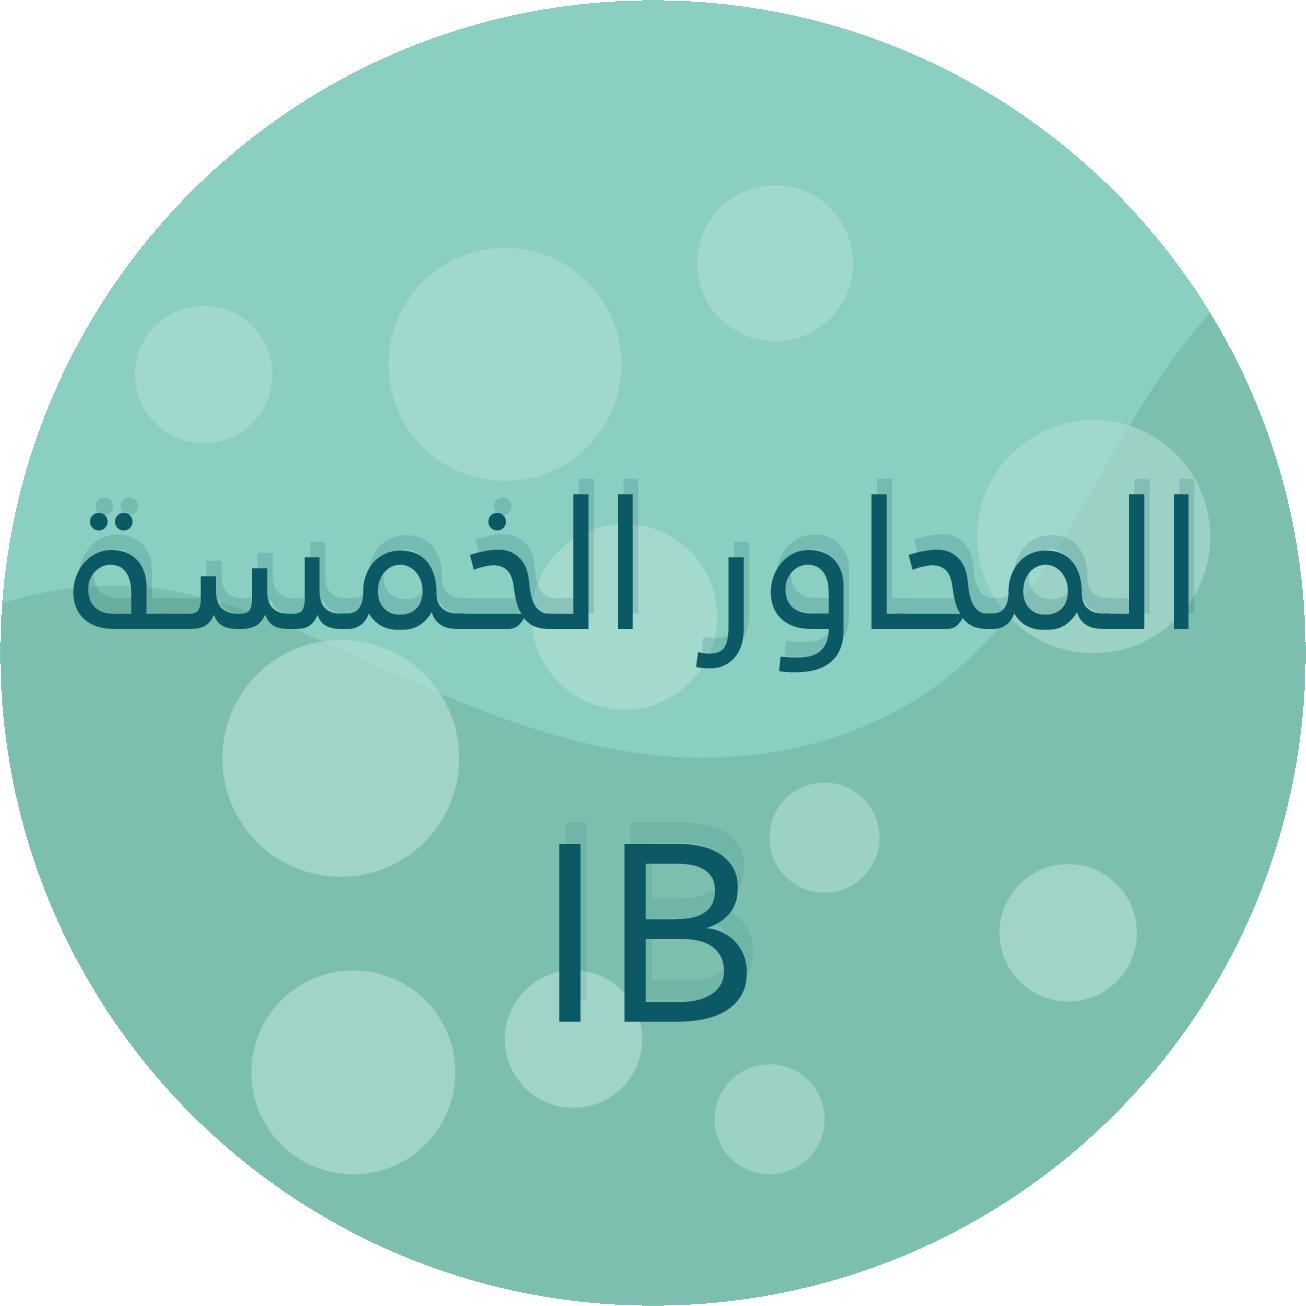 حسب وحدات البحث (PYP)